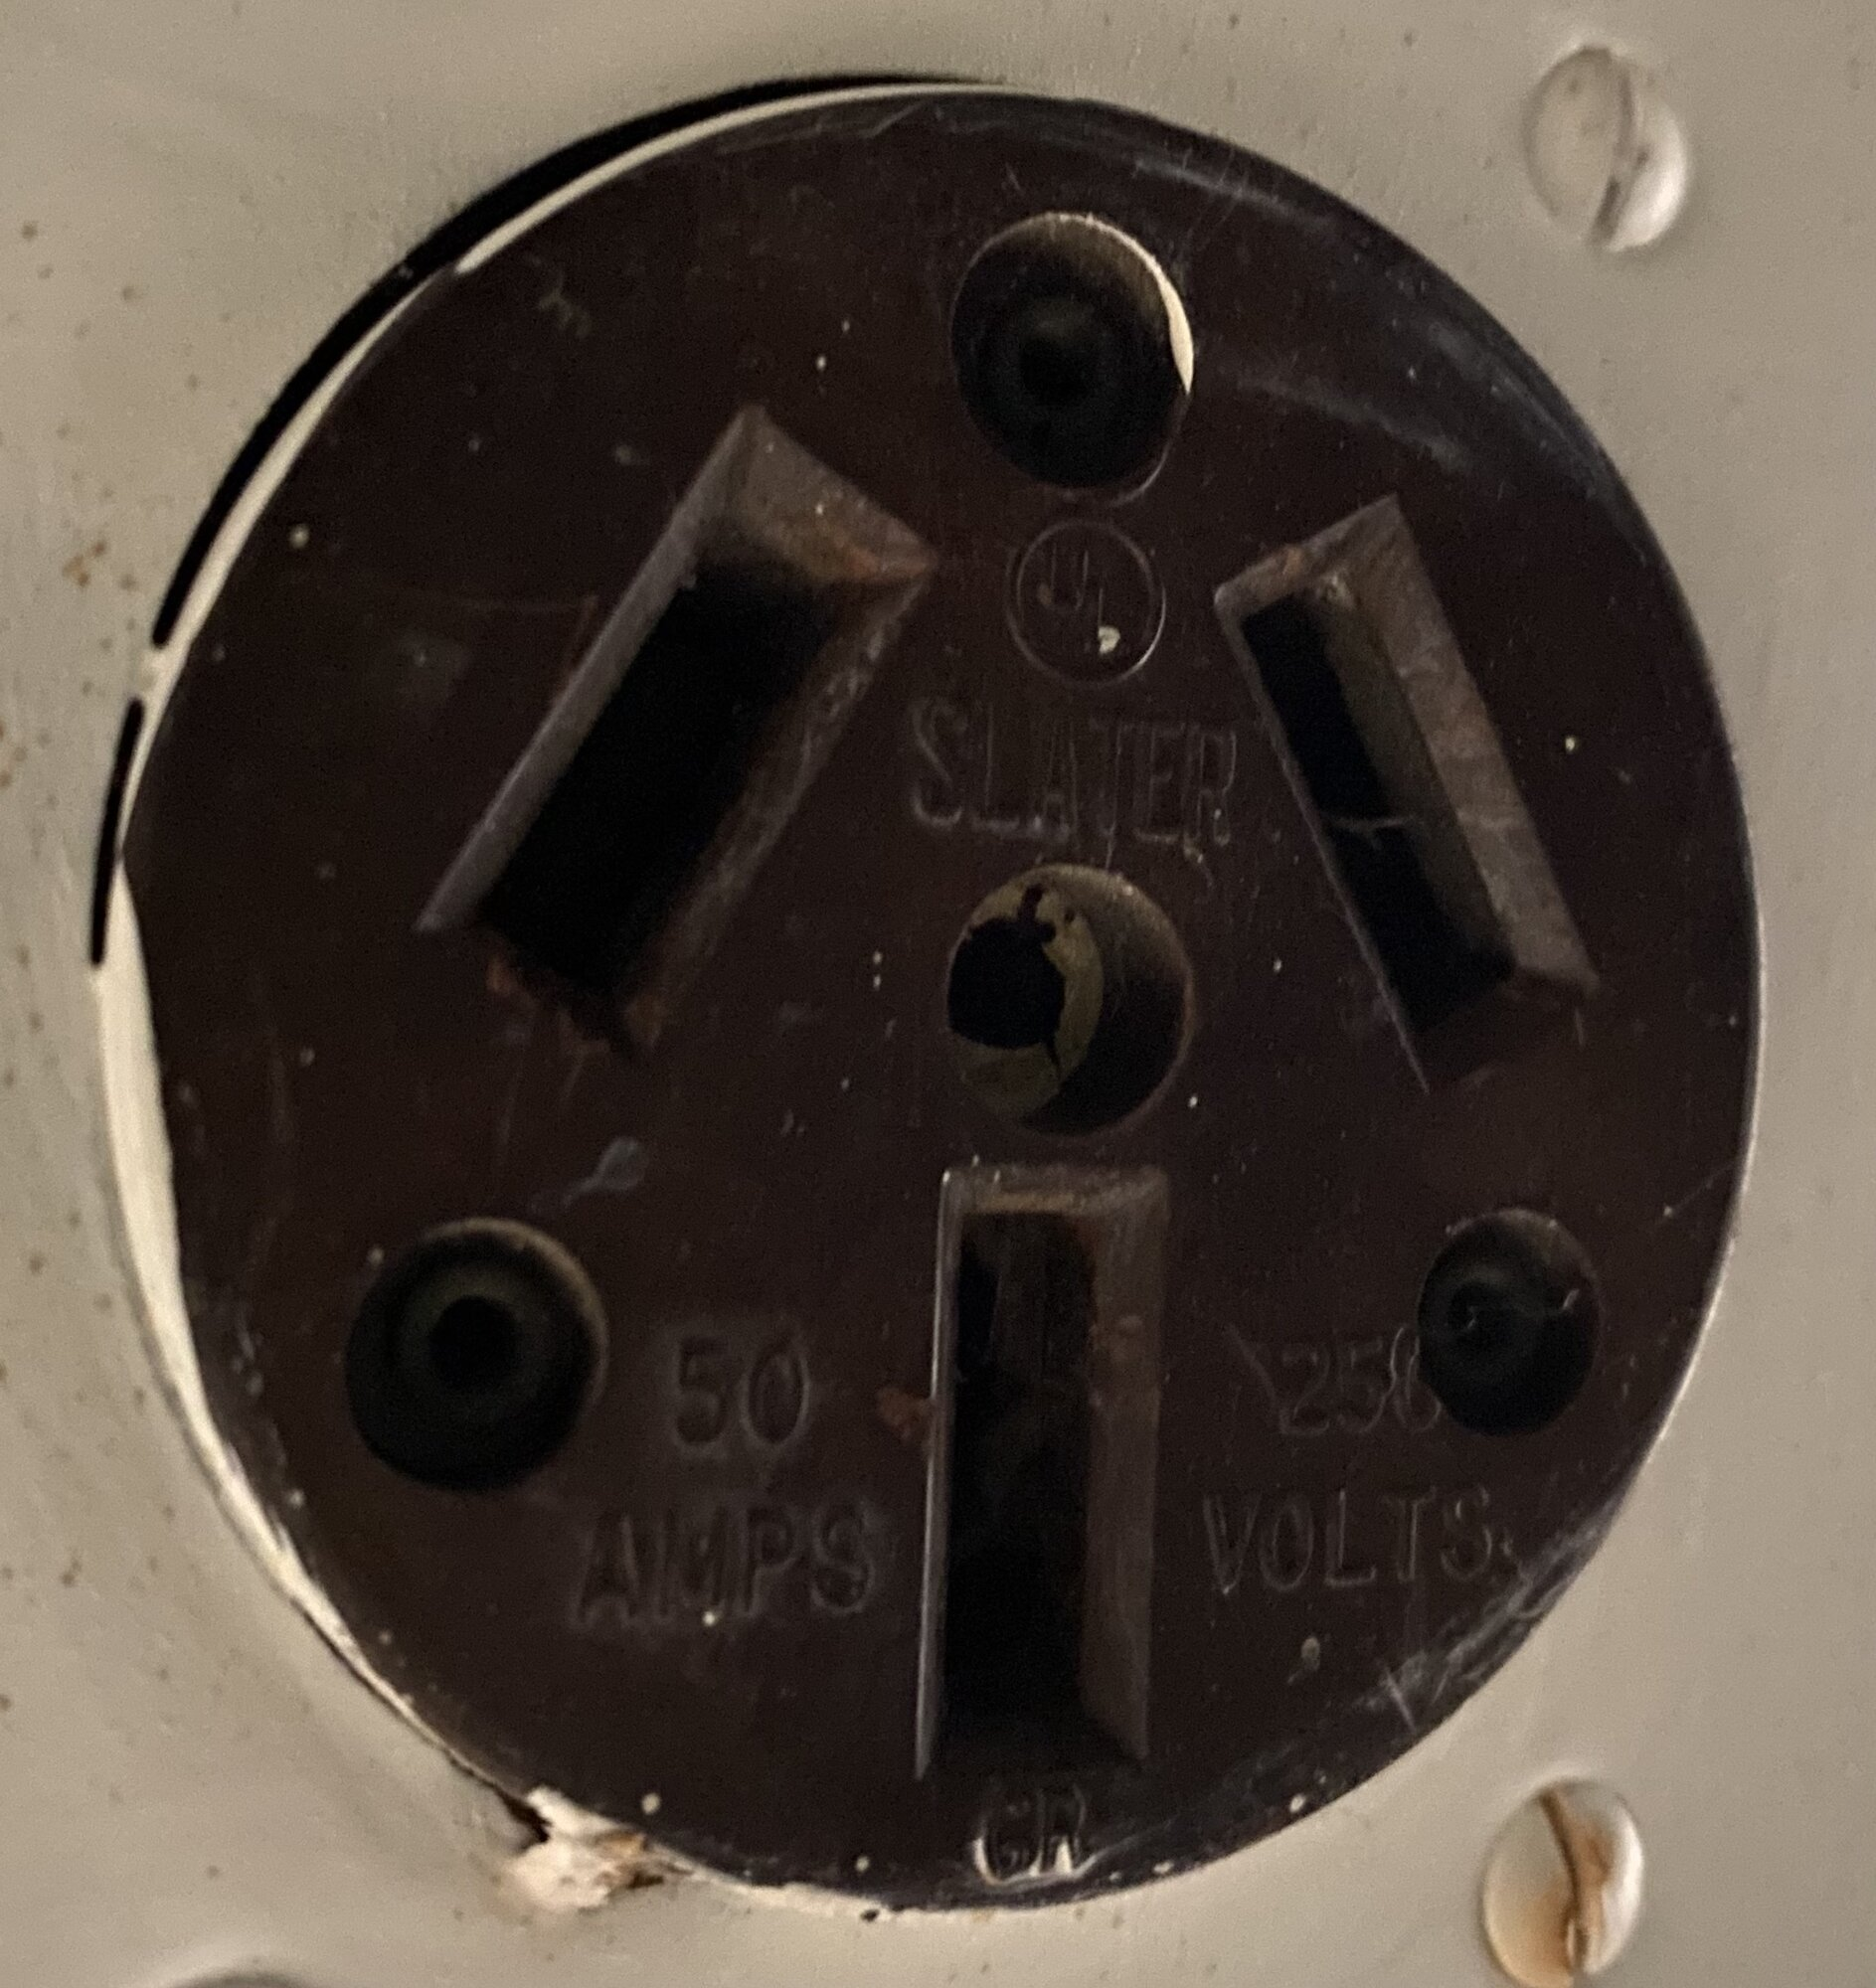 058A596B-8FDD-43F1-8978-D3484BB00FDC.jpeg